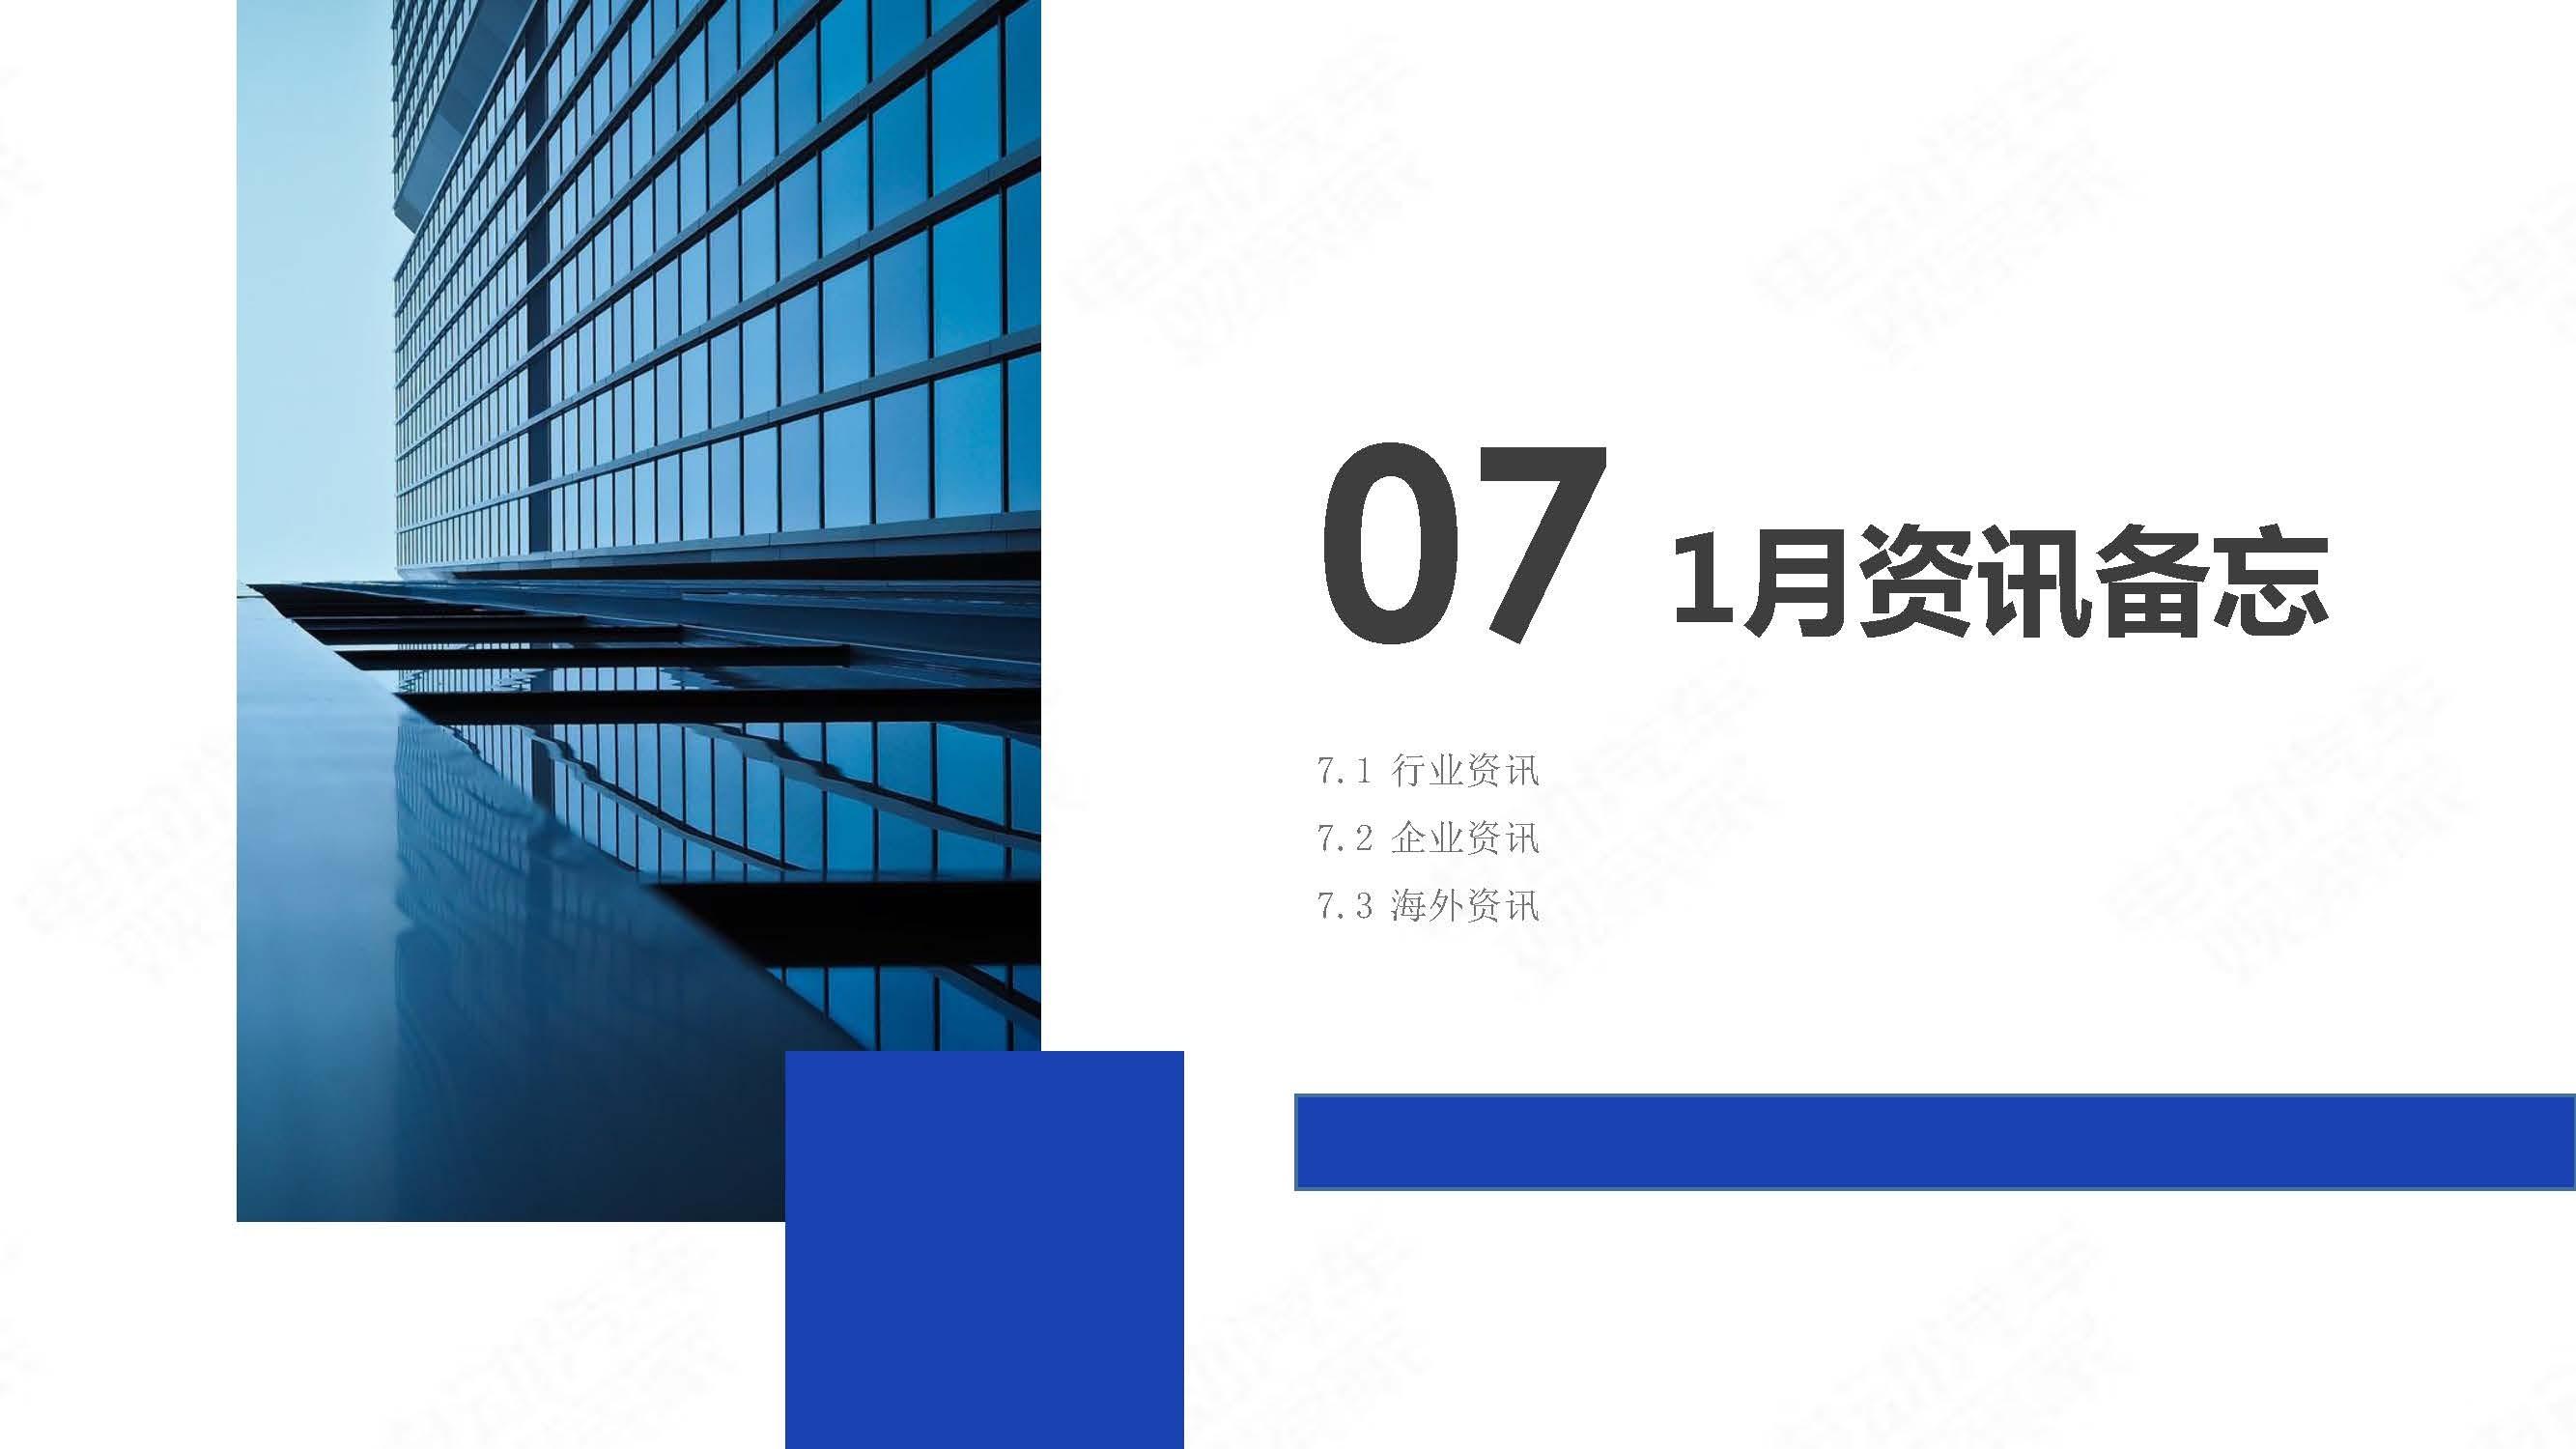 中国新能源汽车产业观察202001简略版_页面_35